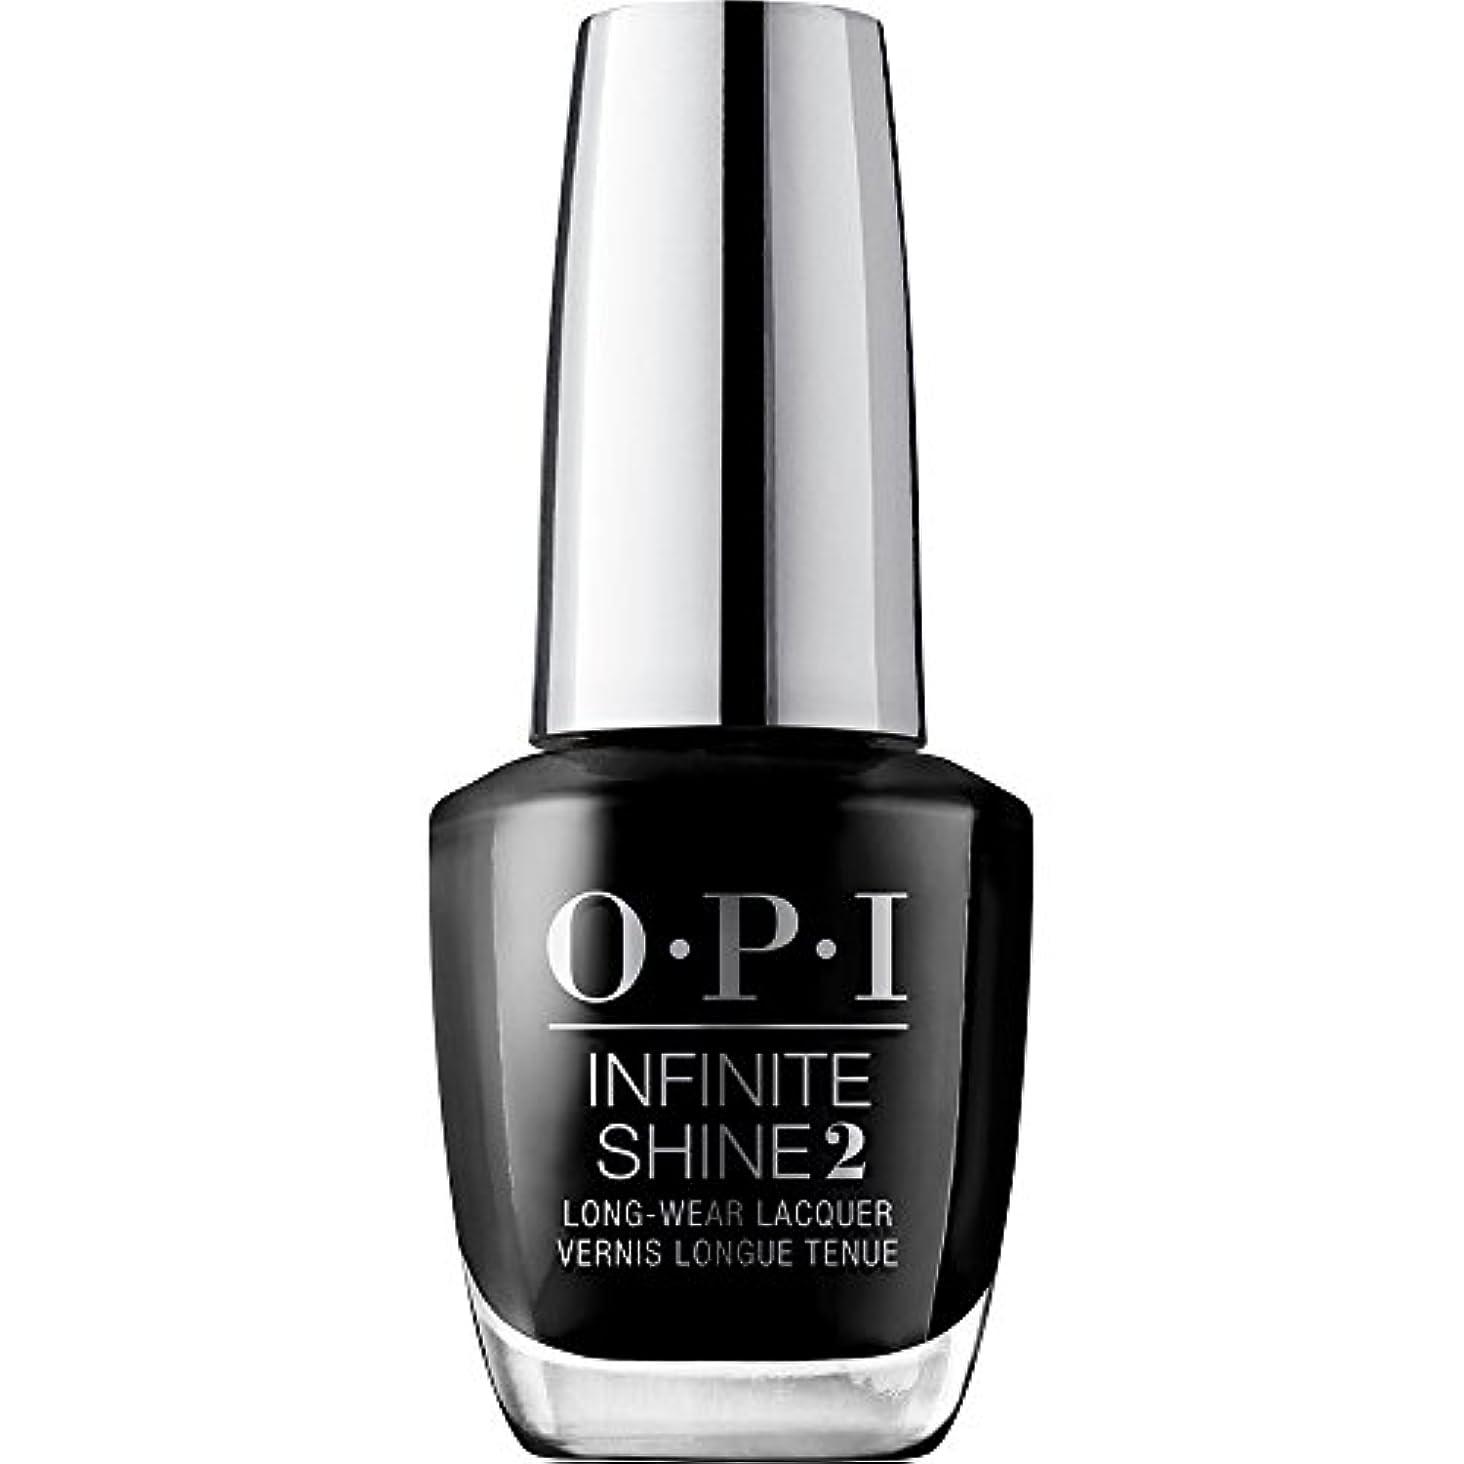 リハーサル前売遊具OPI(オーピーアイ) インフィニット シャイン ISL T02 ブラック オニキス